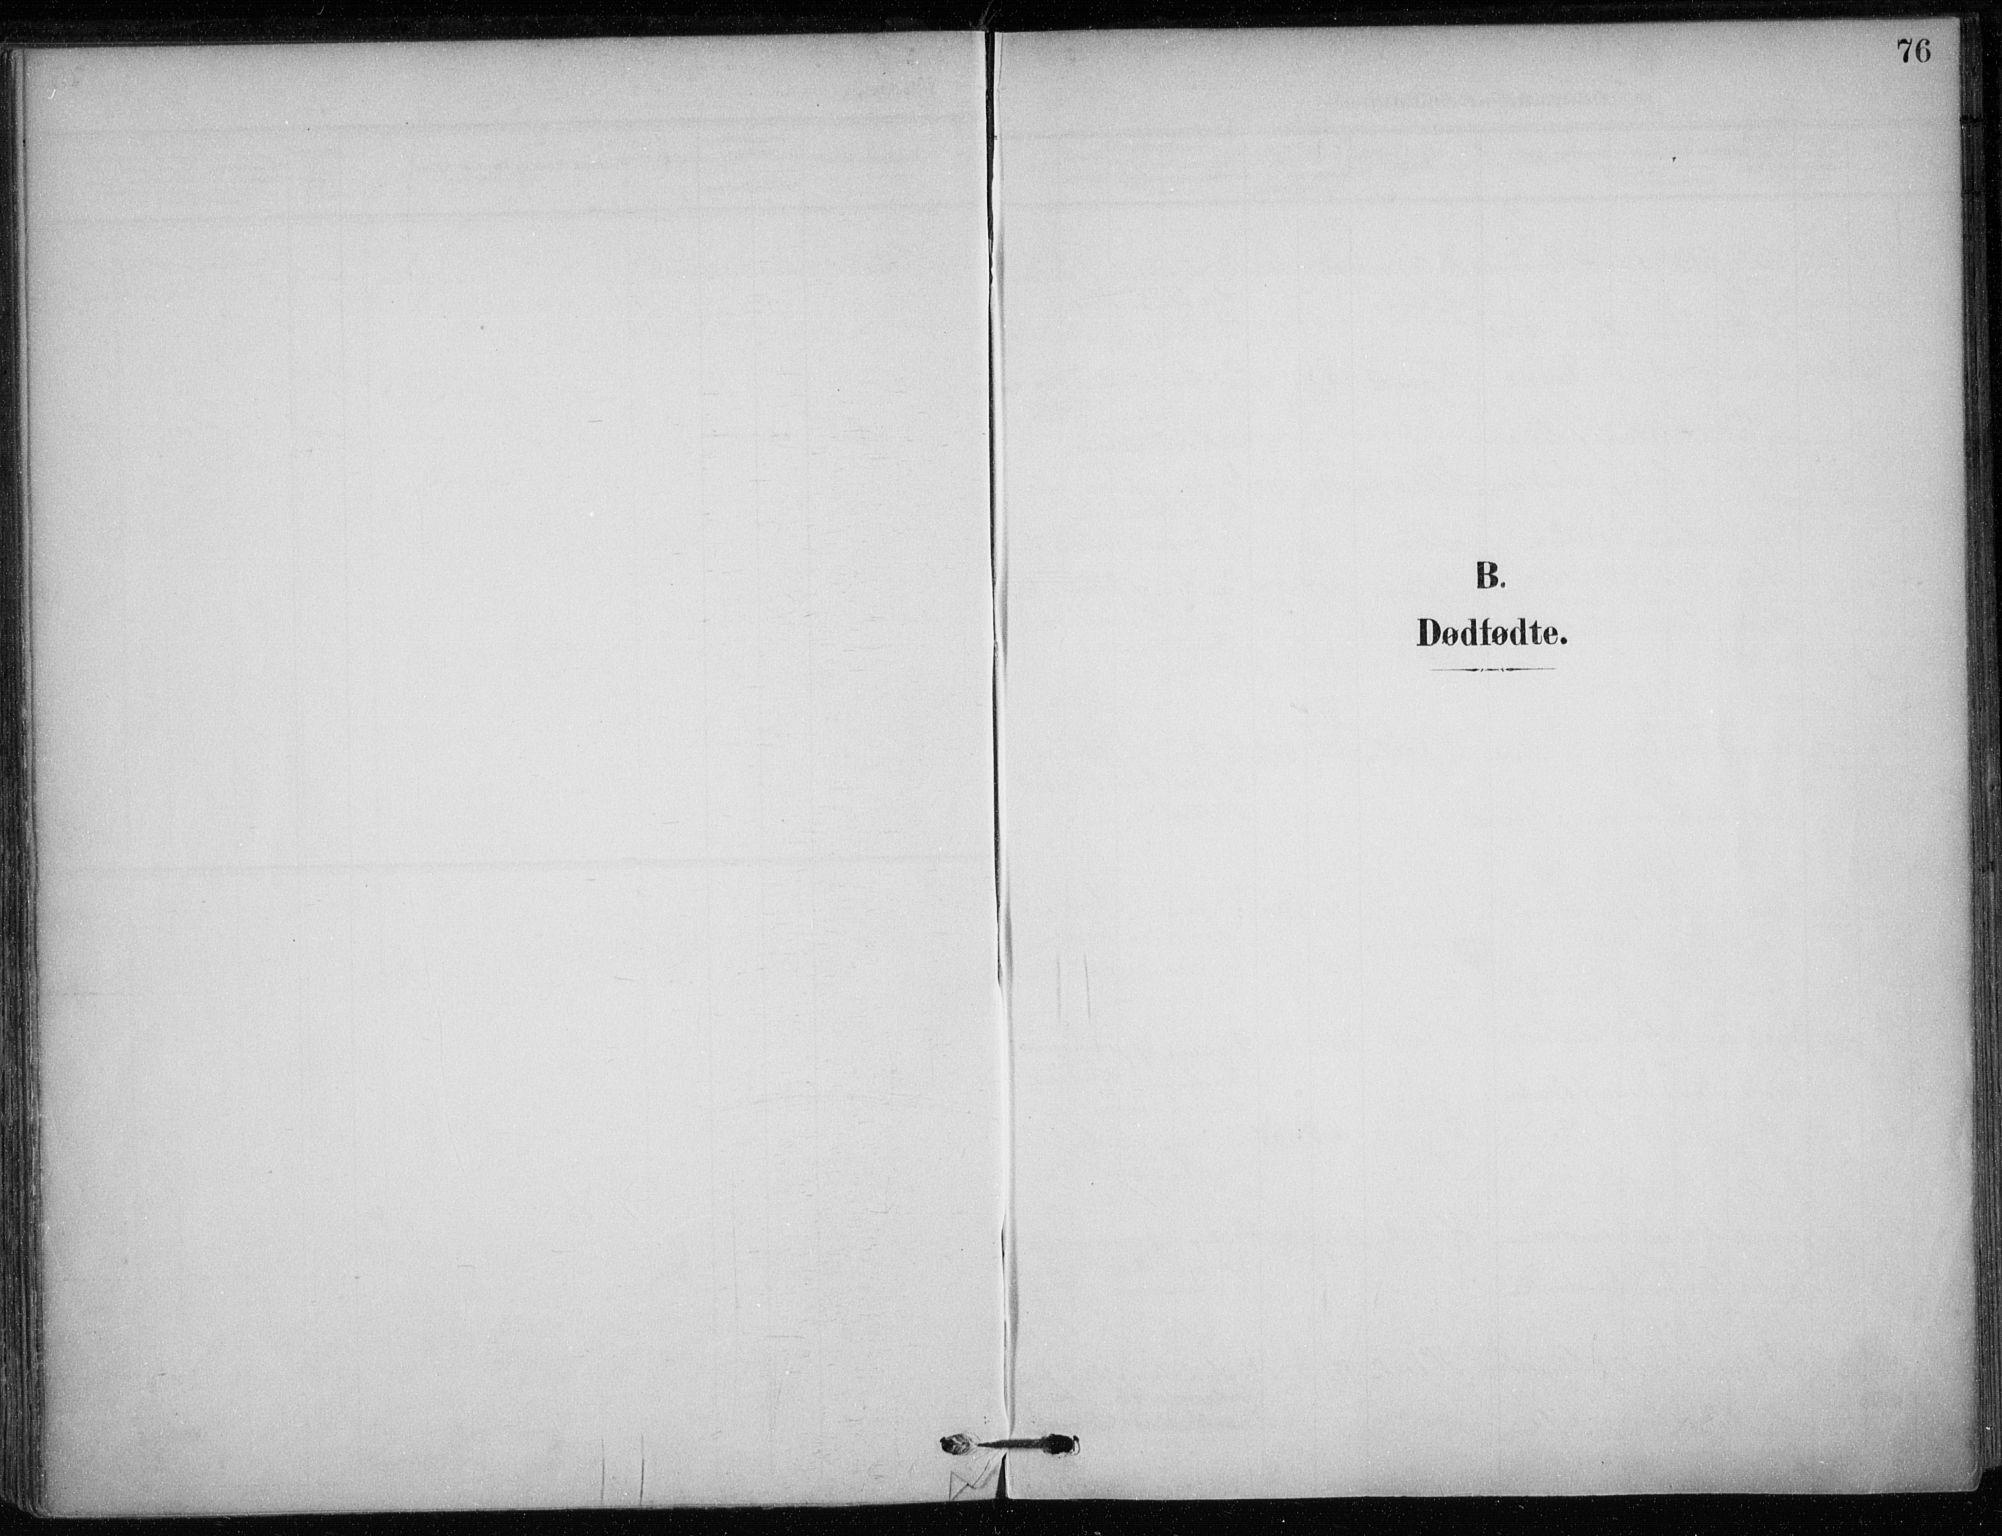 SATØ, Hammerfest sokneprestkontor, H/Ha/L0014.kirke: Ministerialbok nr. 14, 1906-1916, s. 76